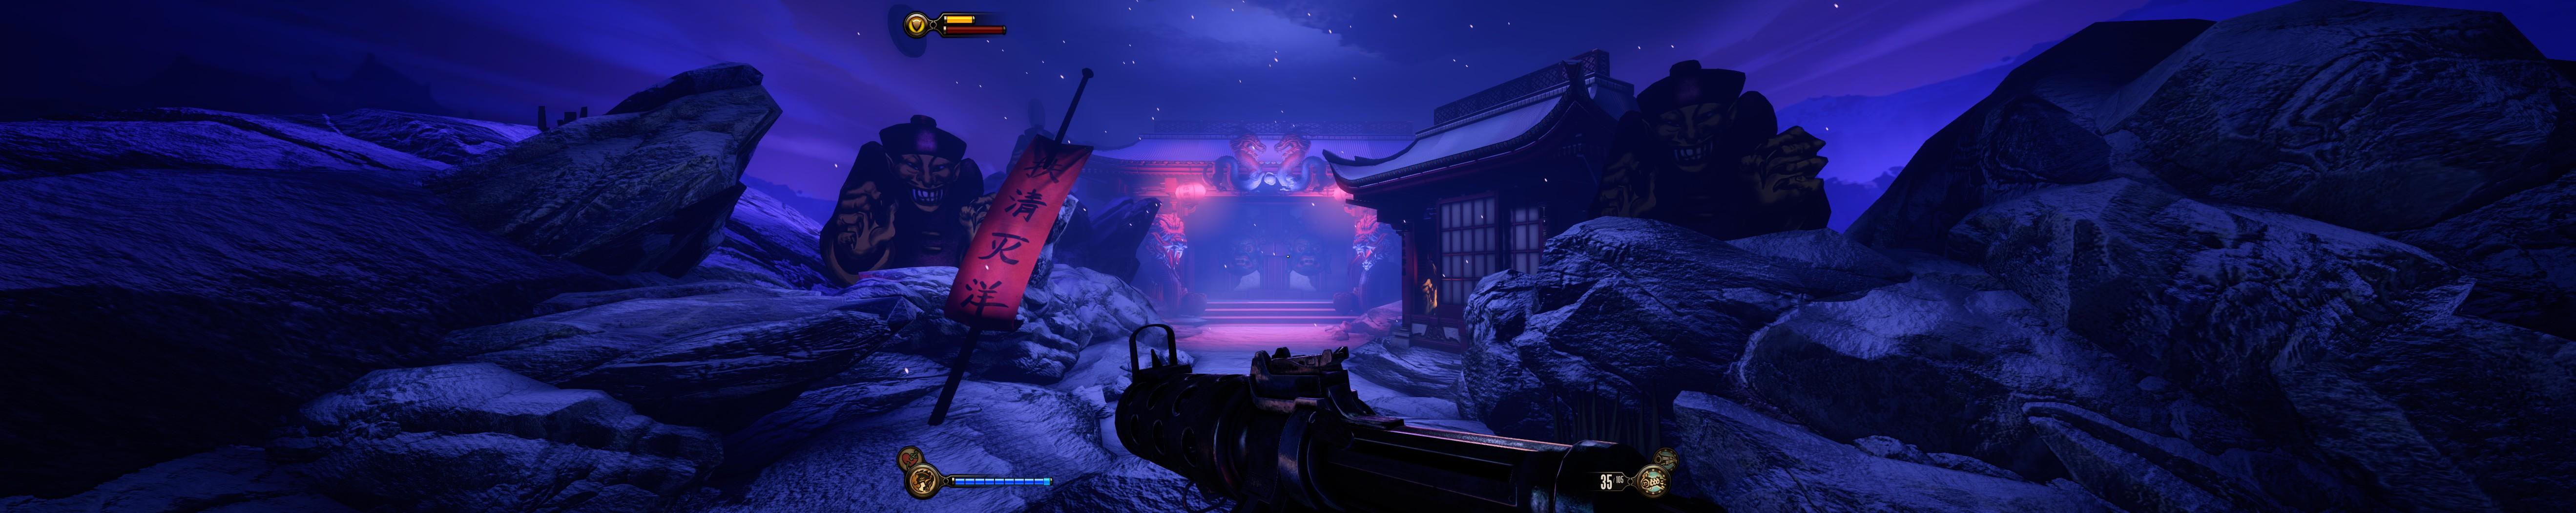 Bioshock_Infinite_2013-04-21_00049